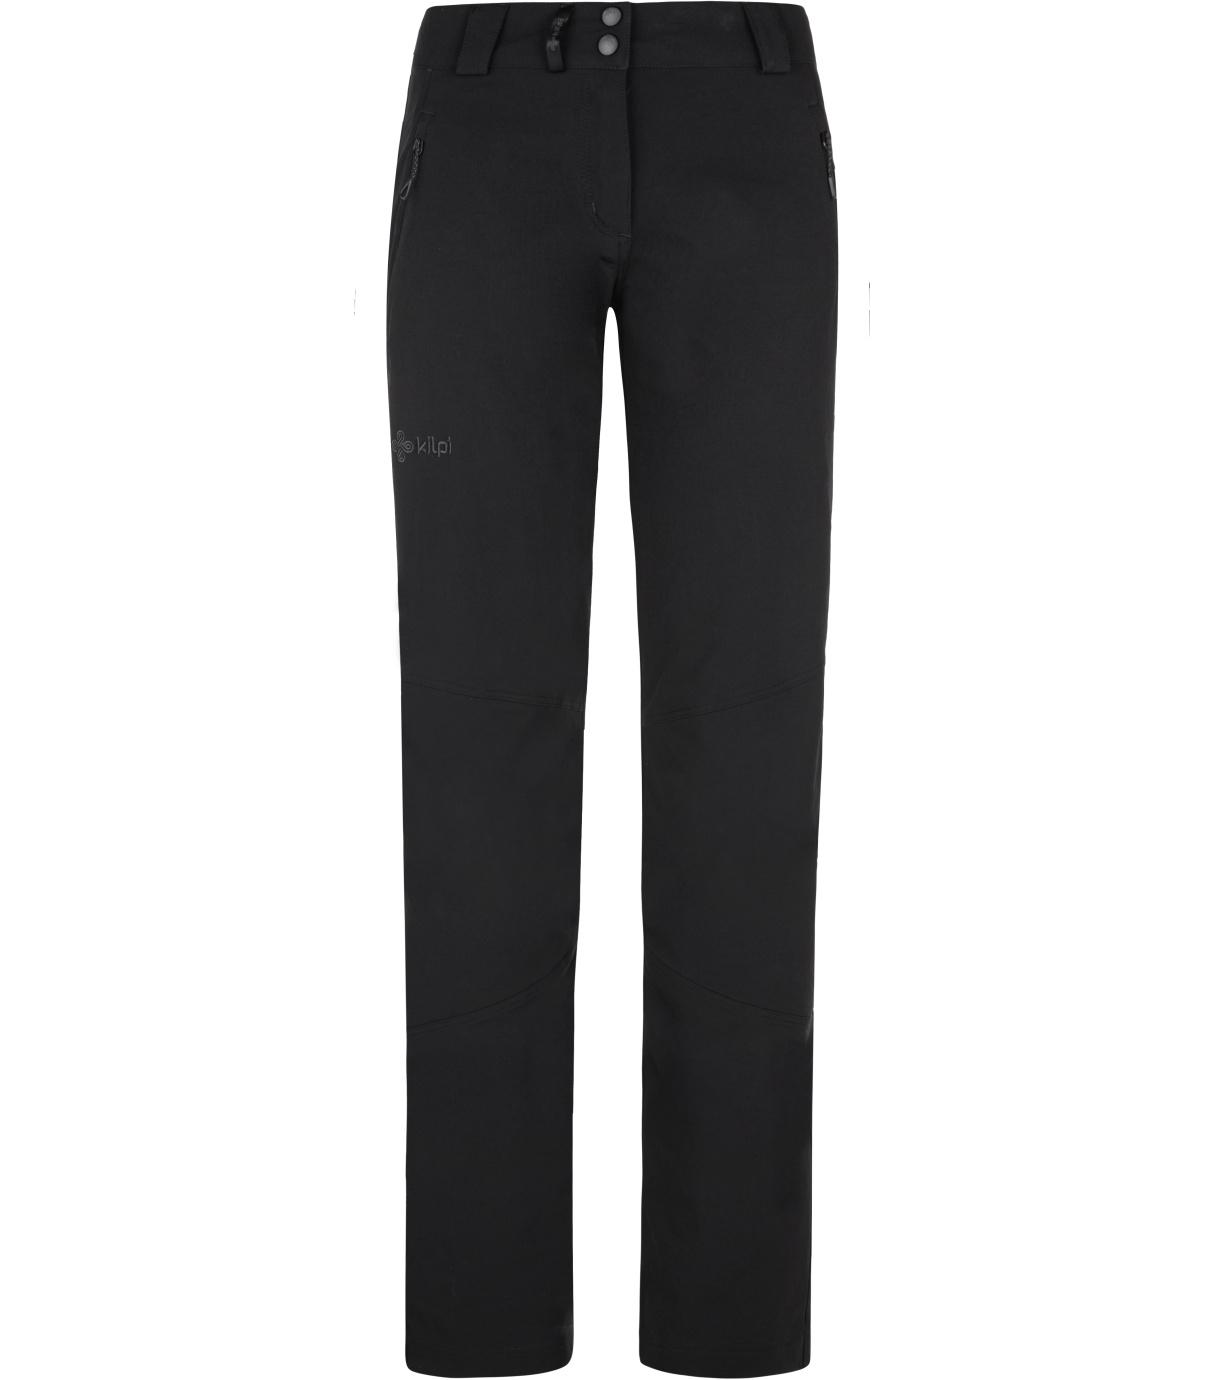 KILPI Dámské outdoorové kalhoty LAGO-W NL0012KIBLK Černá 34